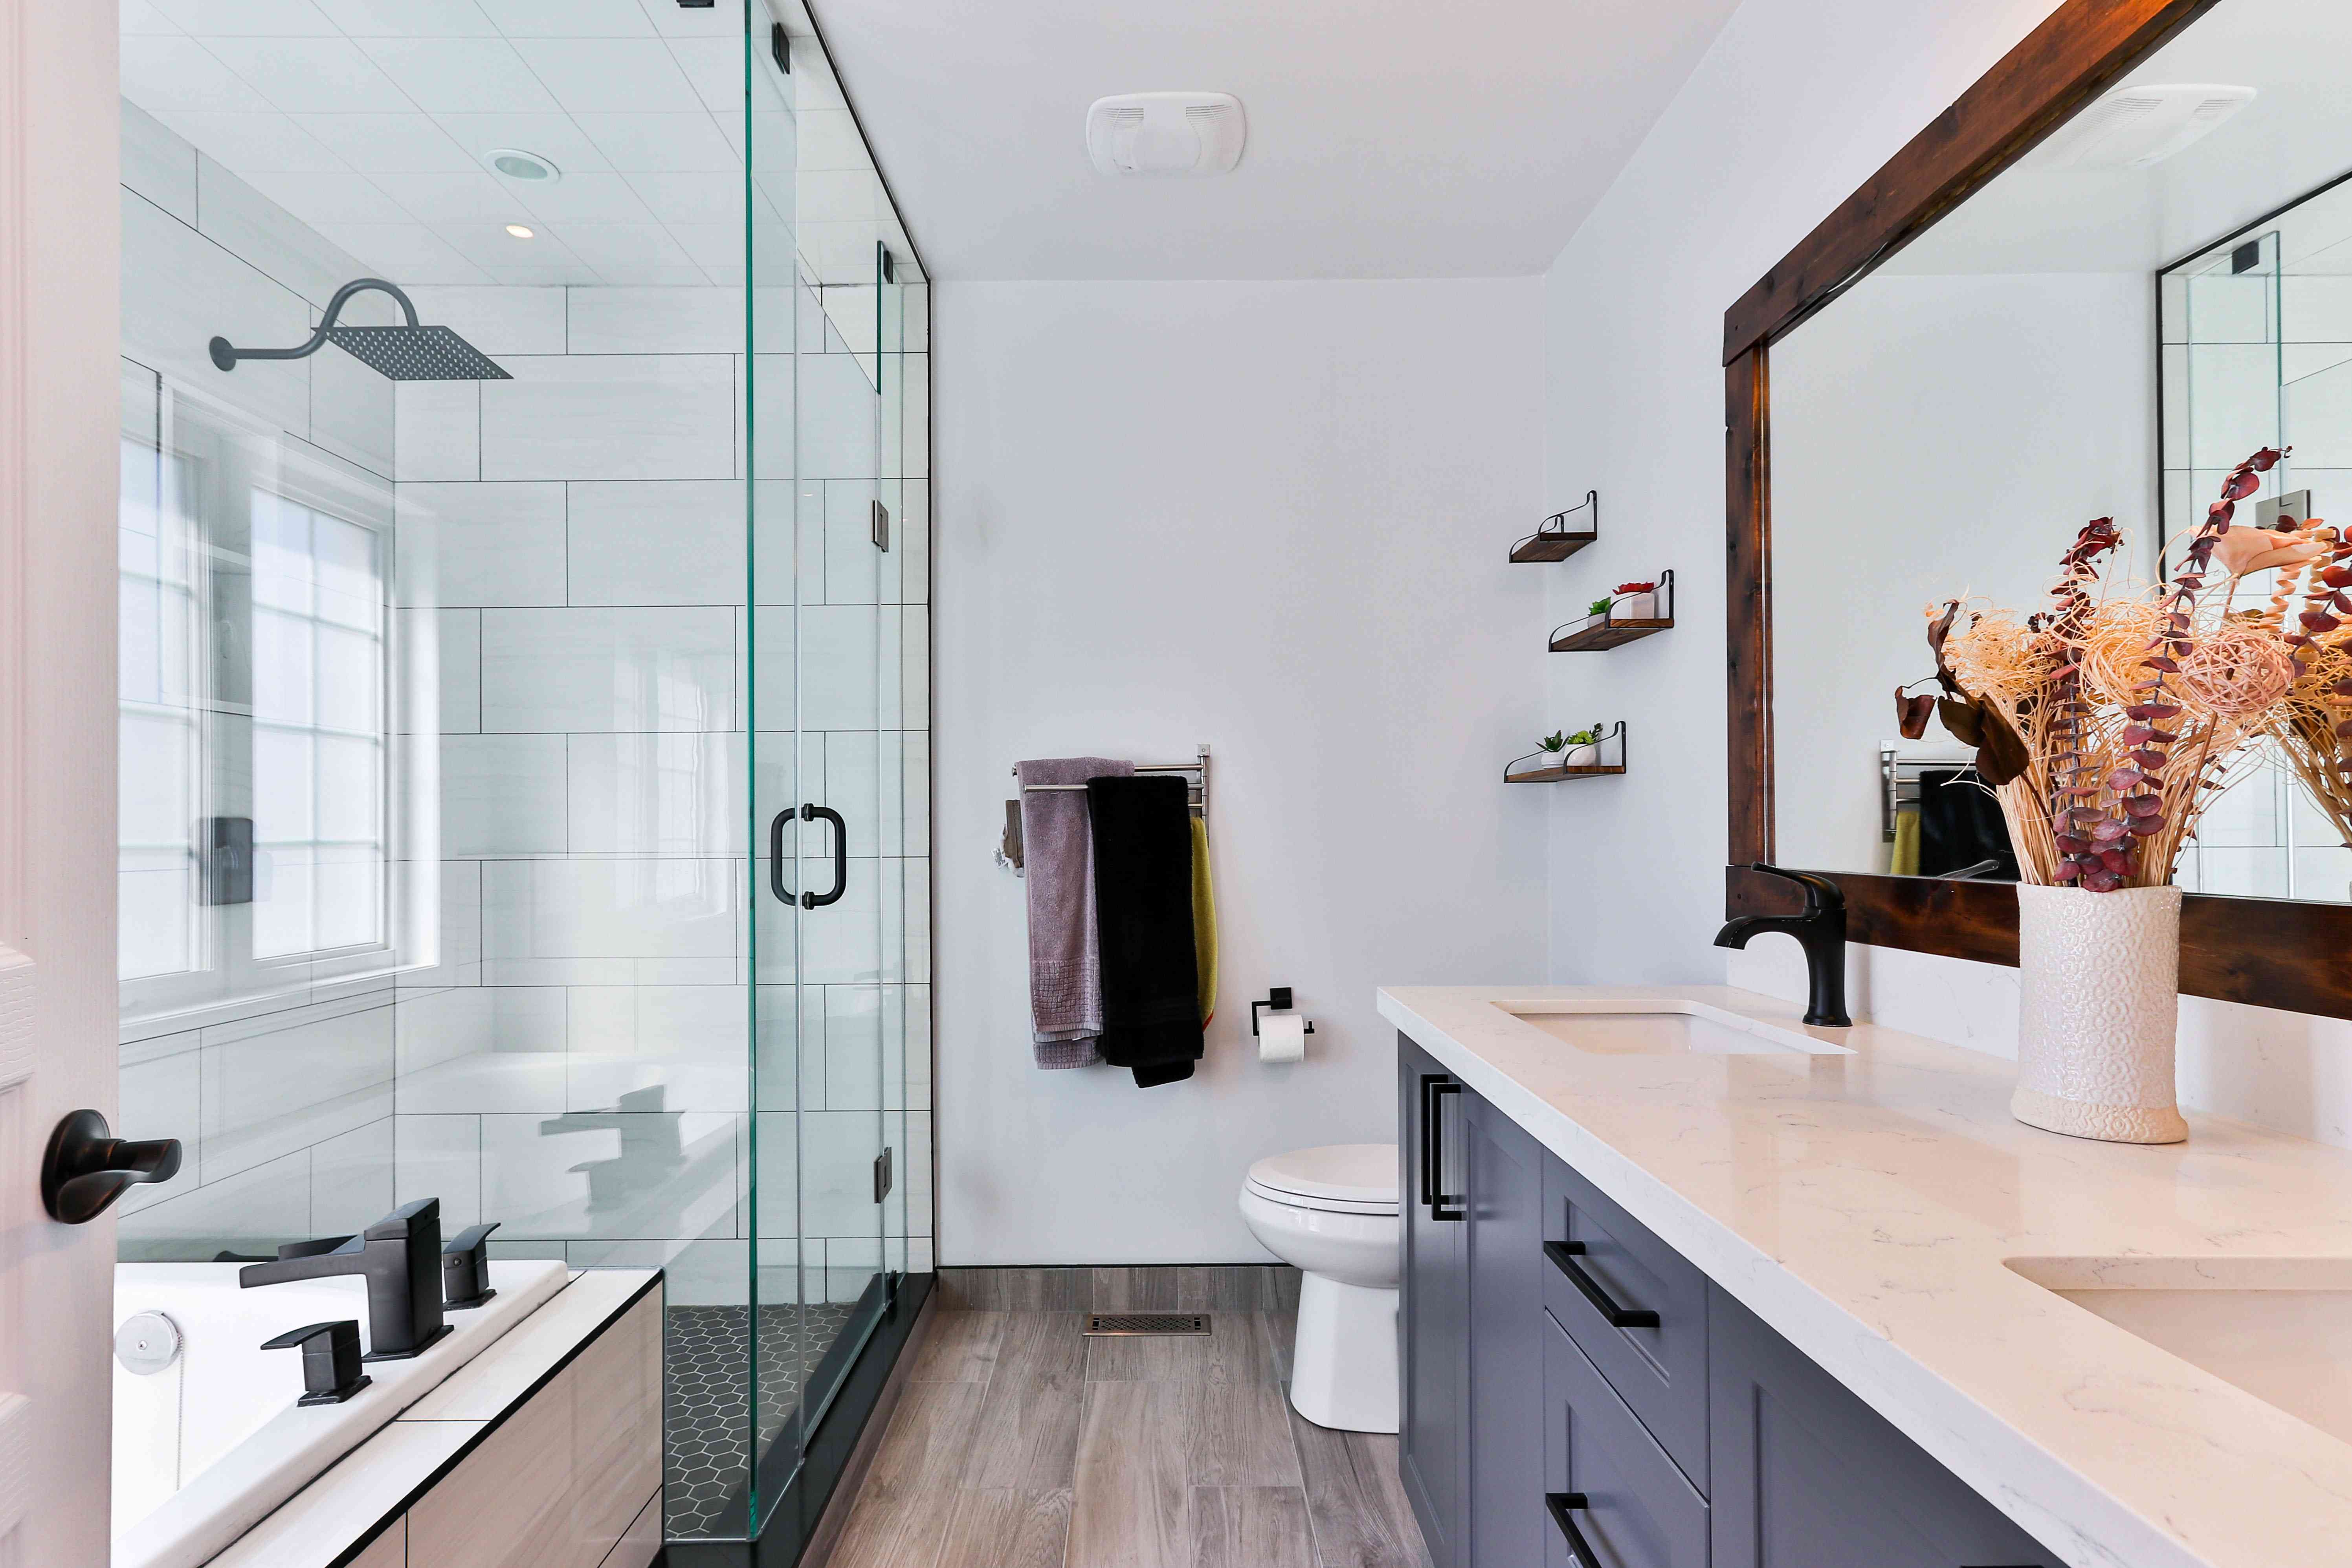 Luxury shower